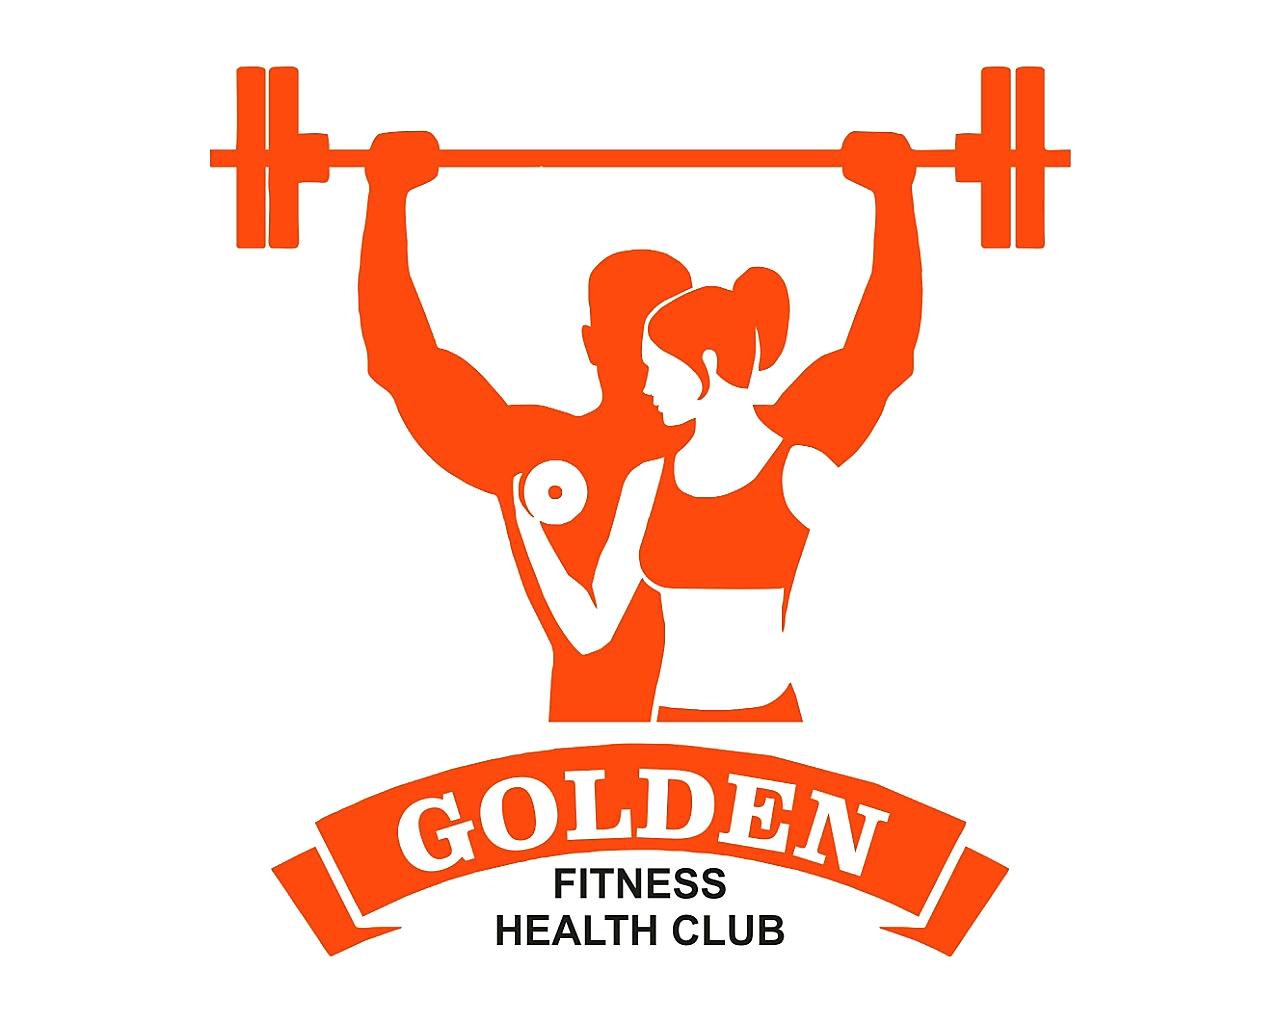 Shree Jay Golden Fitness Health Club Krishnanagar